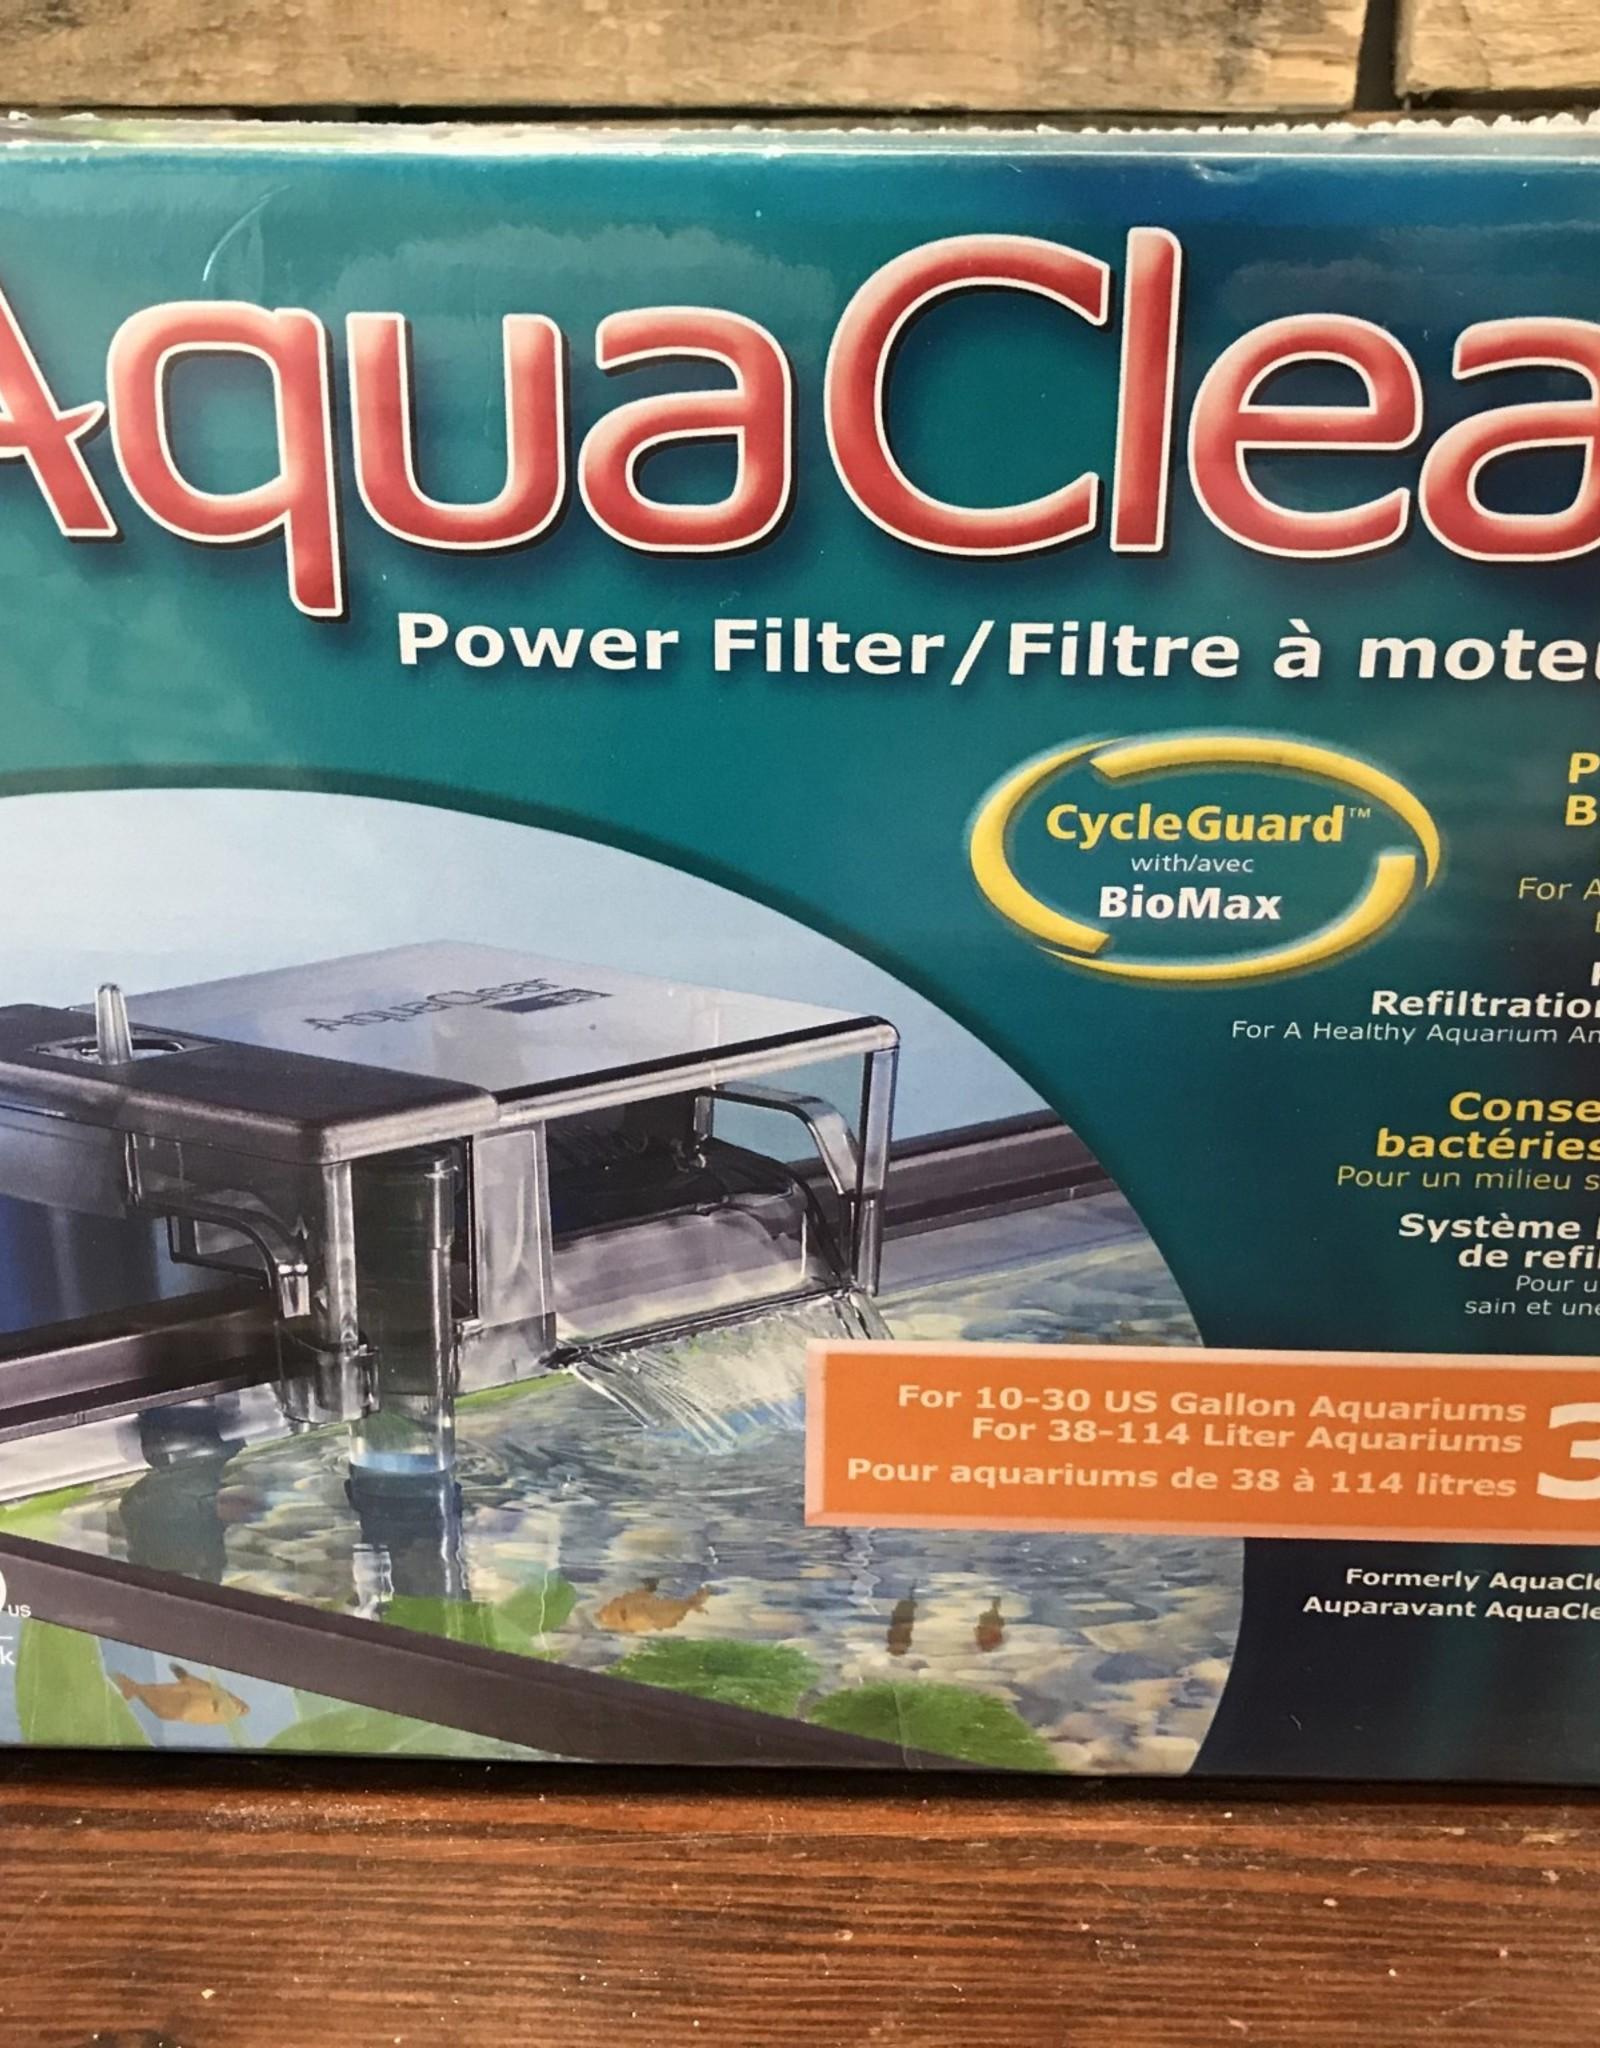 Hagen Aquaclear 30 power filter